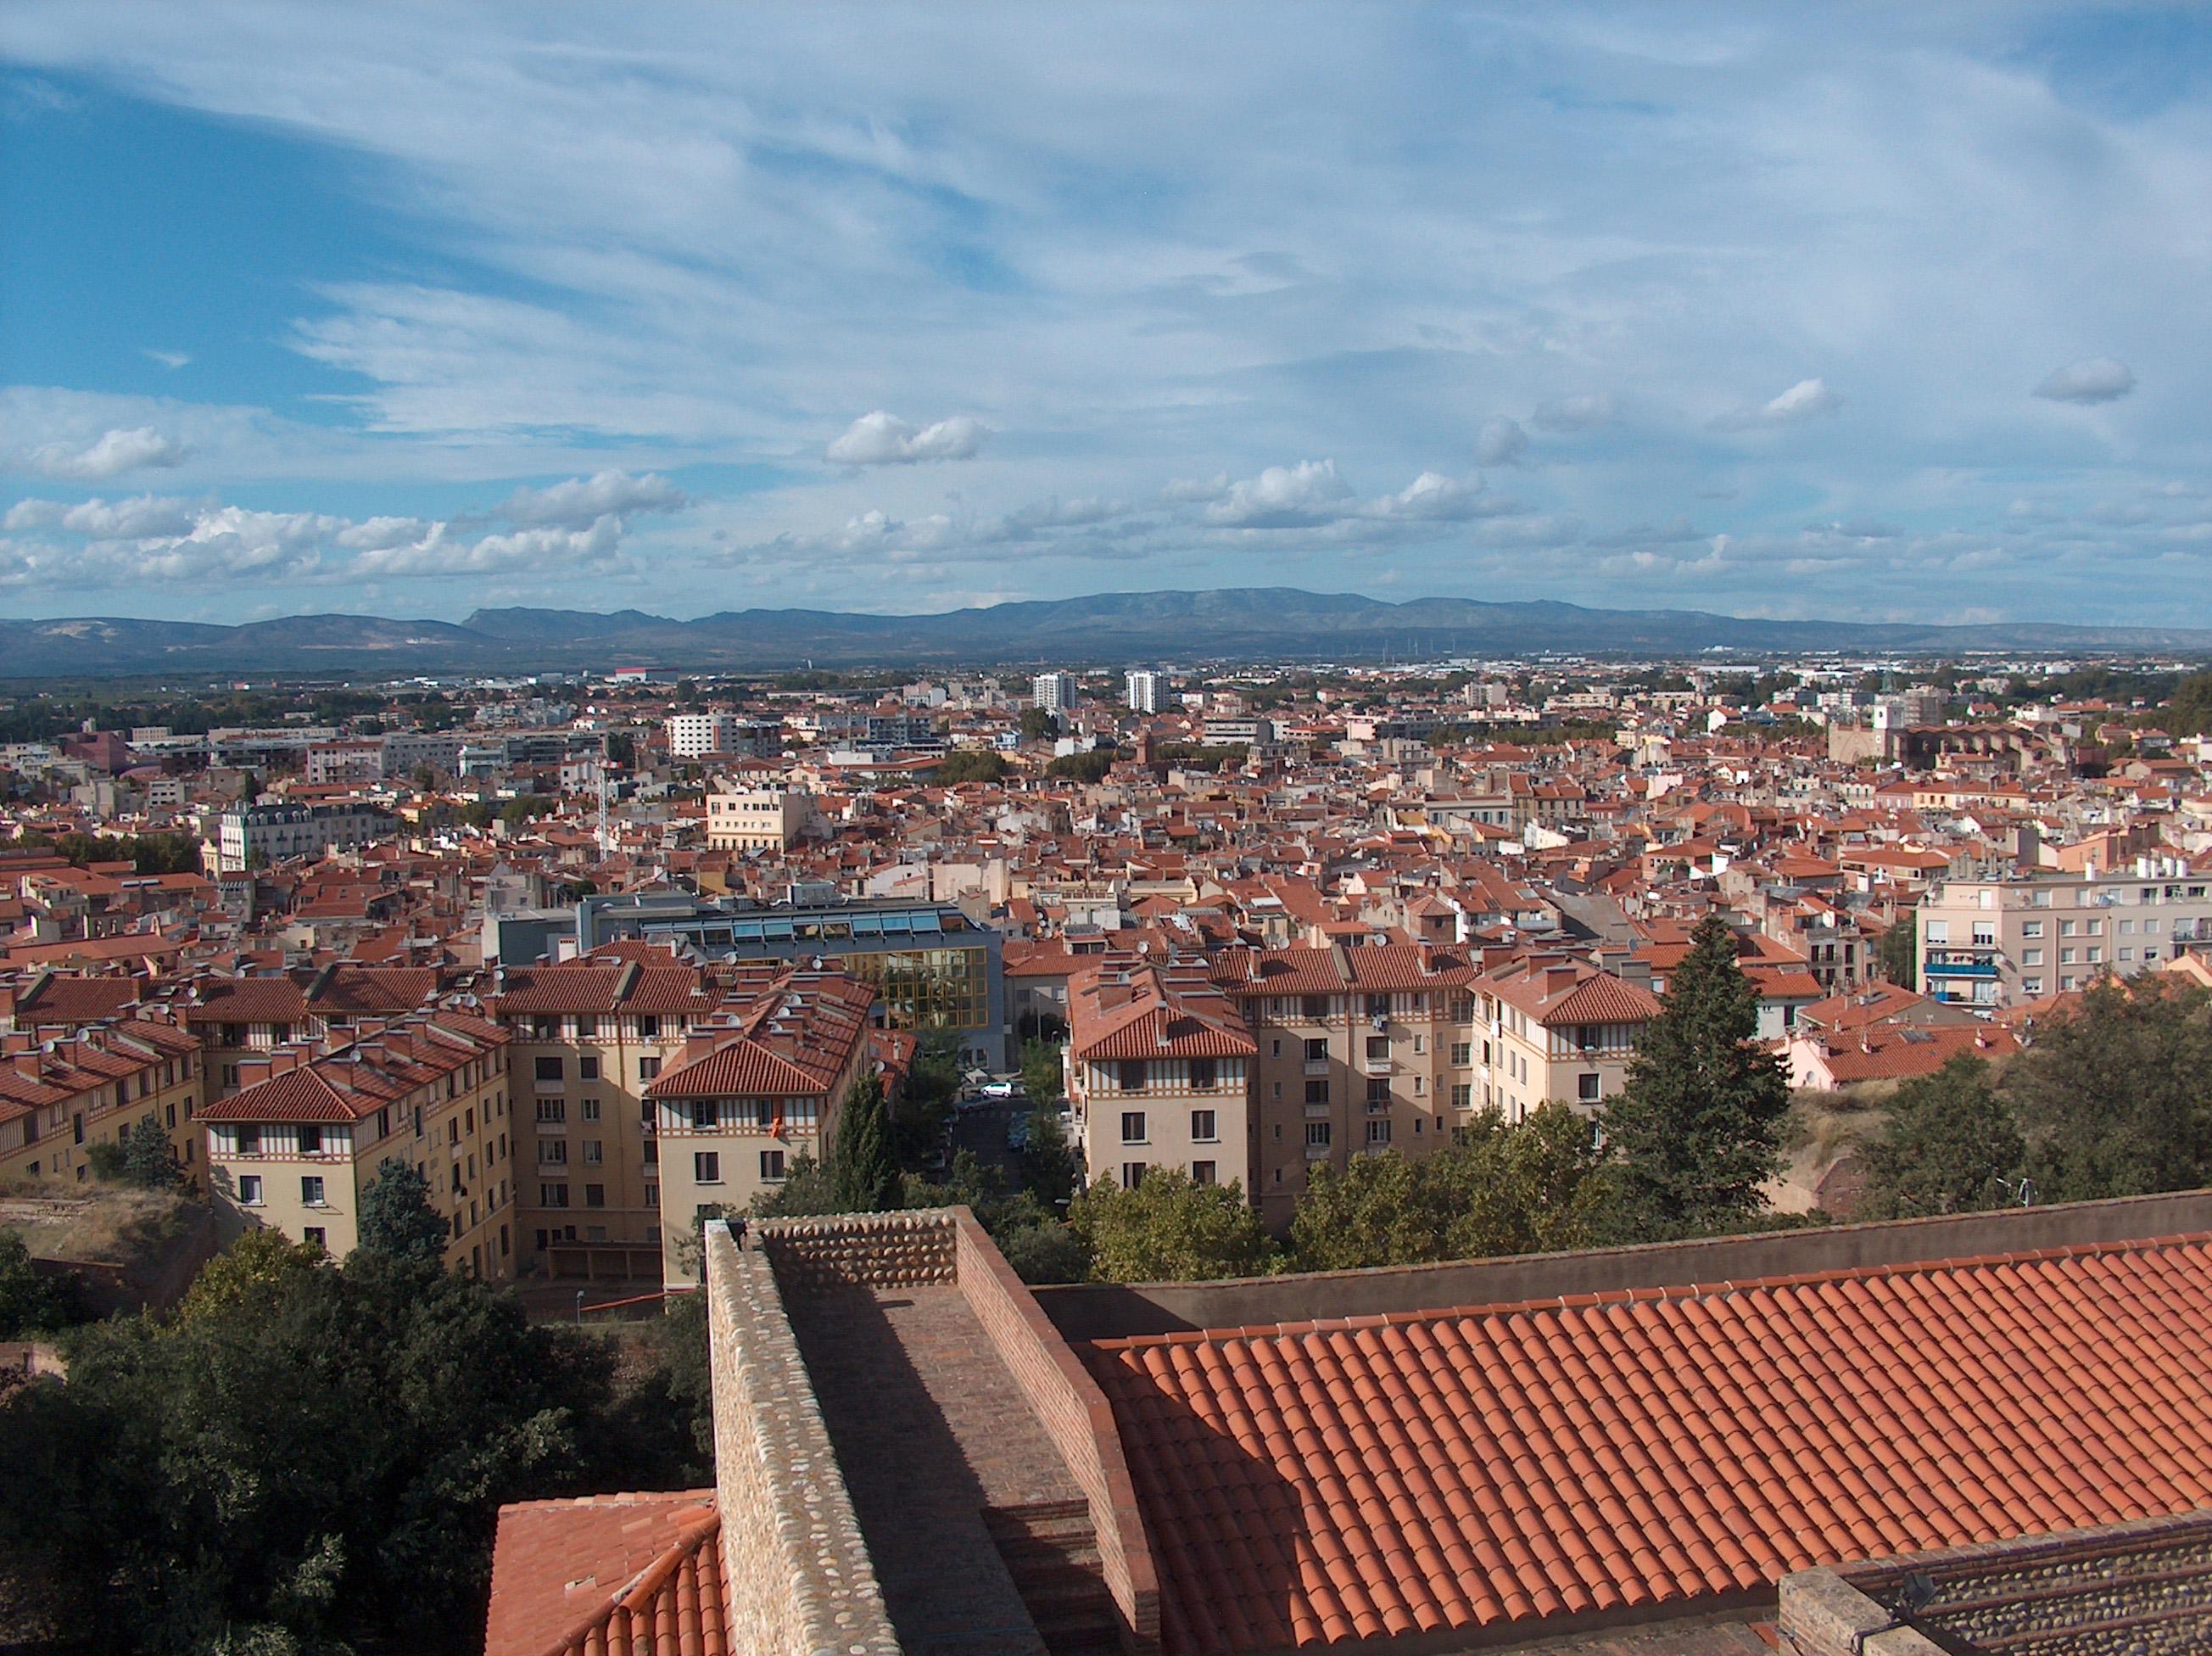 Vacances à Perpignan : les incontournables